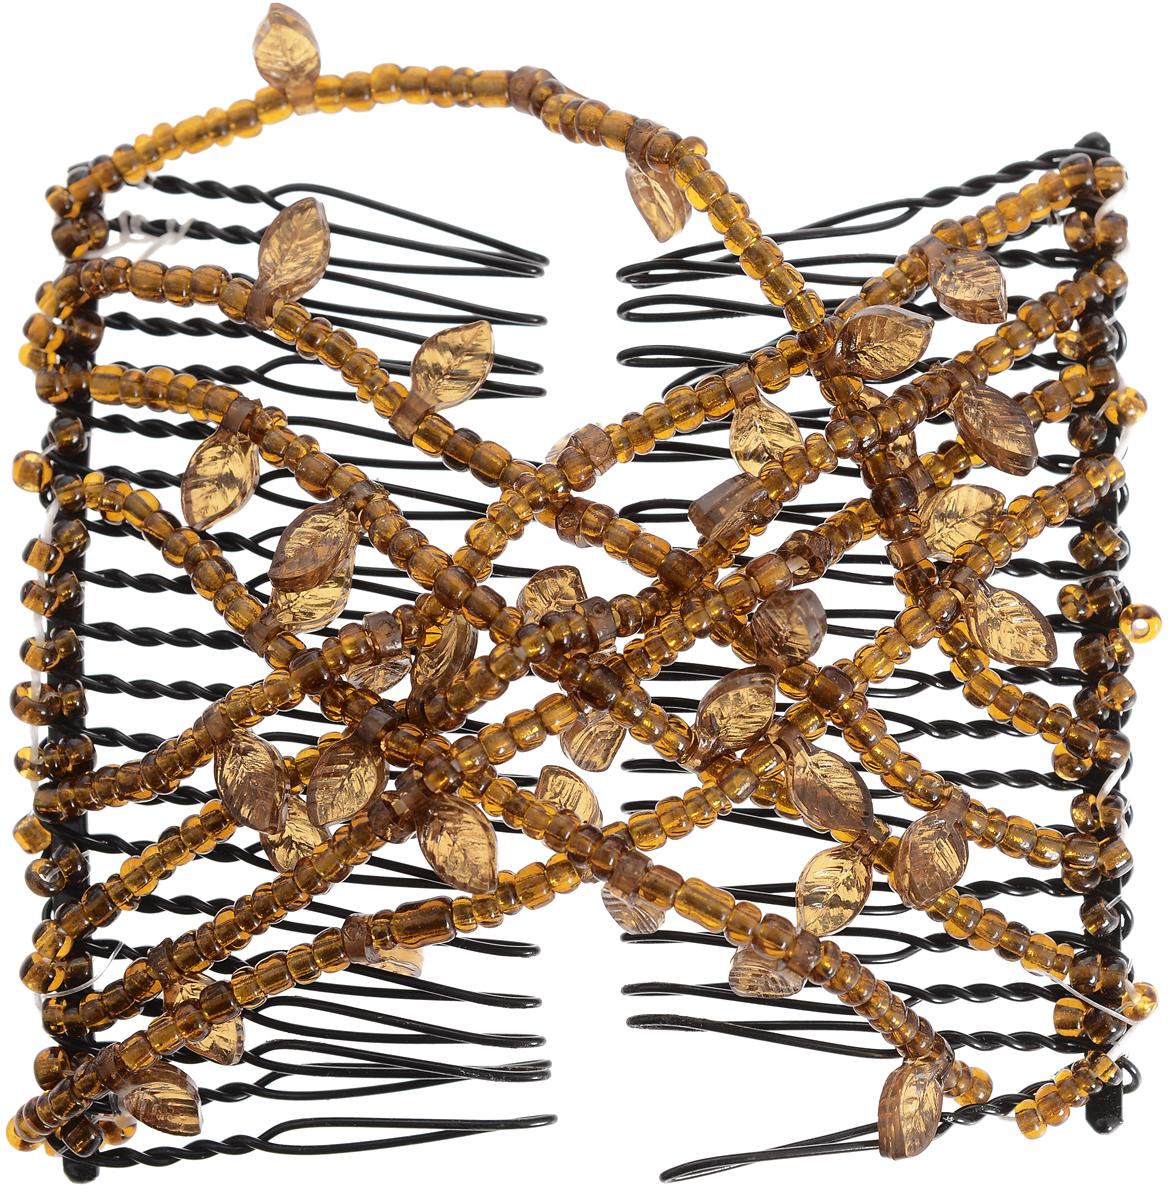 EZ-Combs Заколка Изи-Комбс, одинарная, цвет: коричневый. ЗИО_листок ez combs заколка изи комбс одинарная цвет коричневый зио цветок с серебром